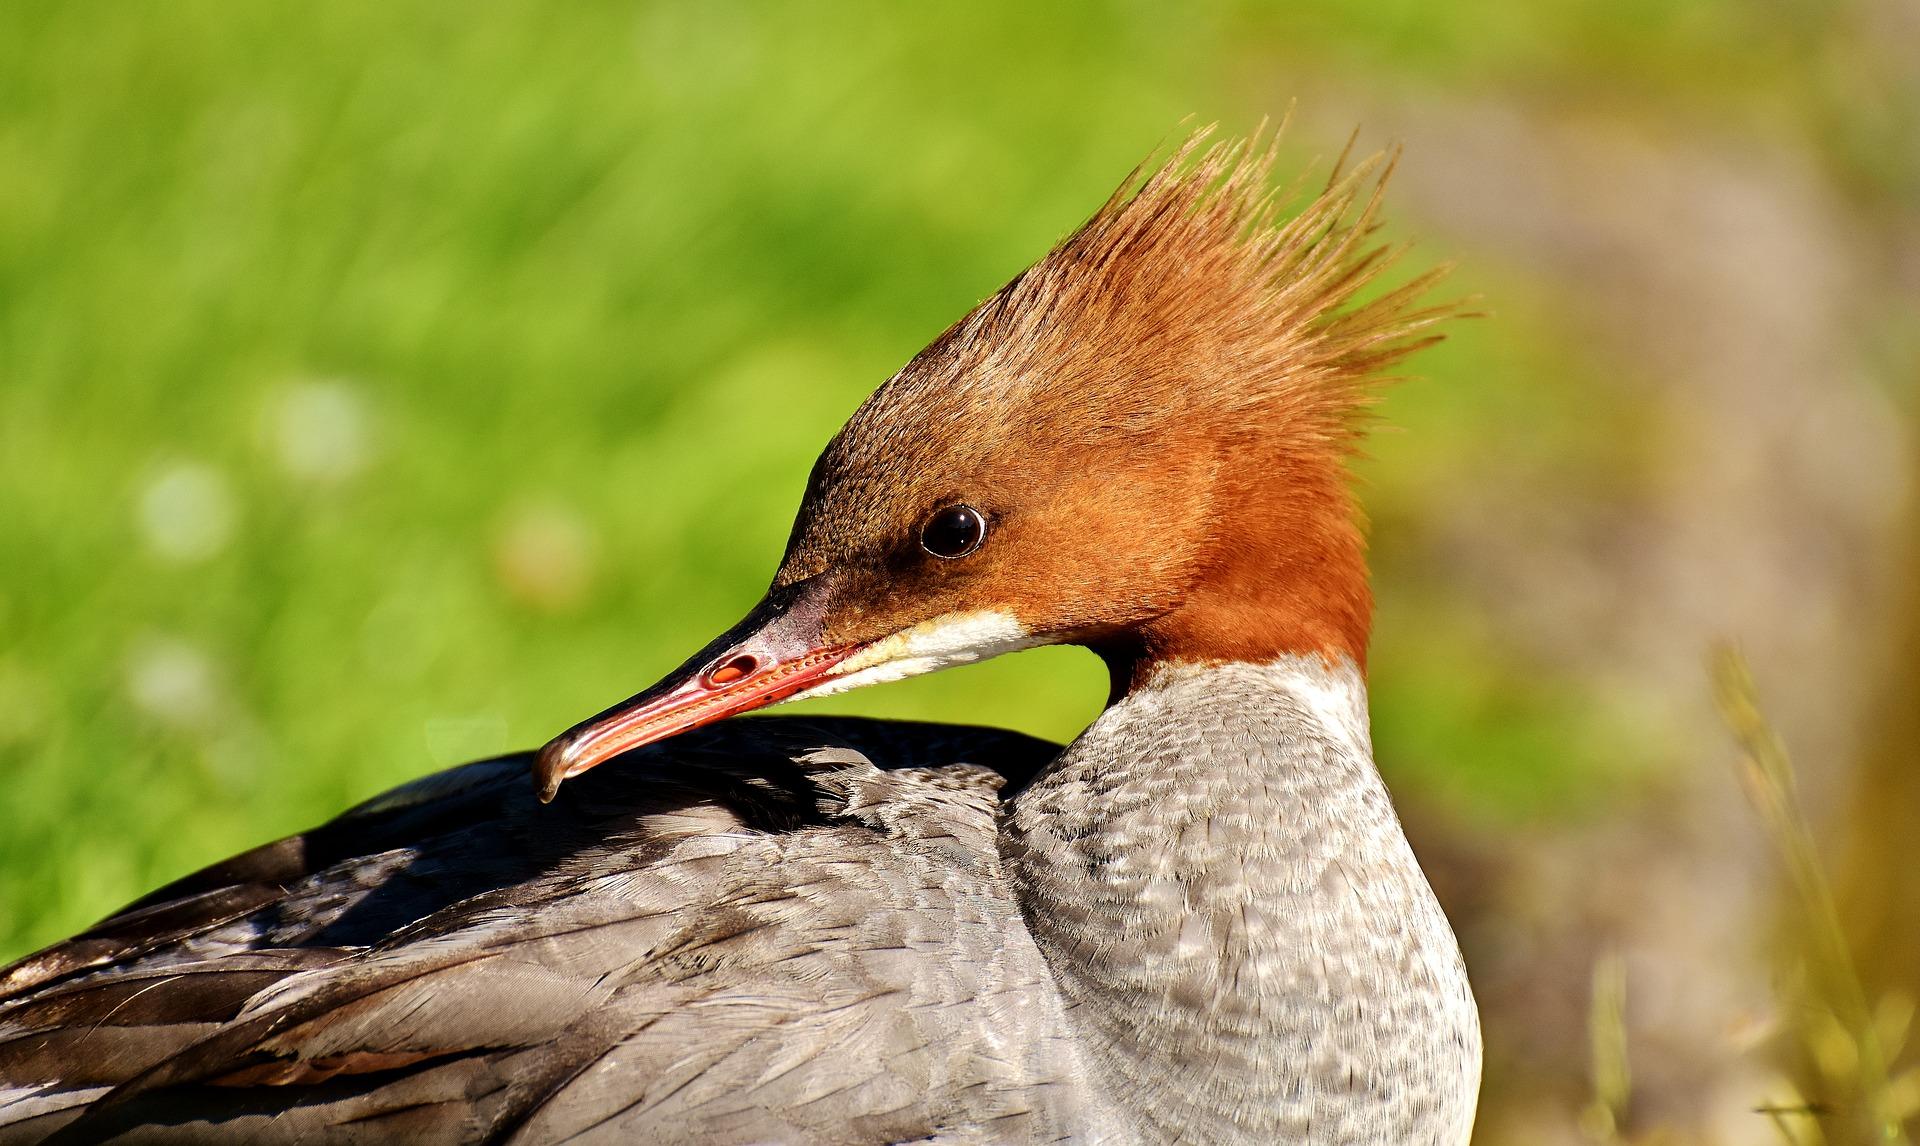 alpine-meadows-bc-birdwatching-merganser